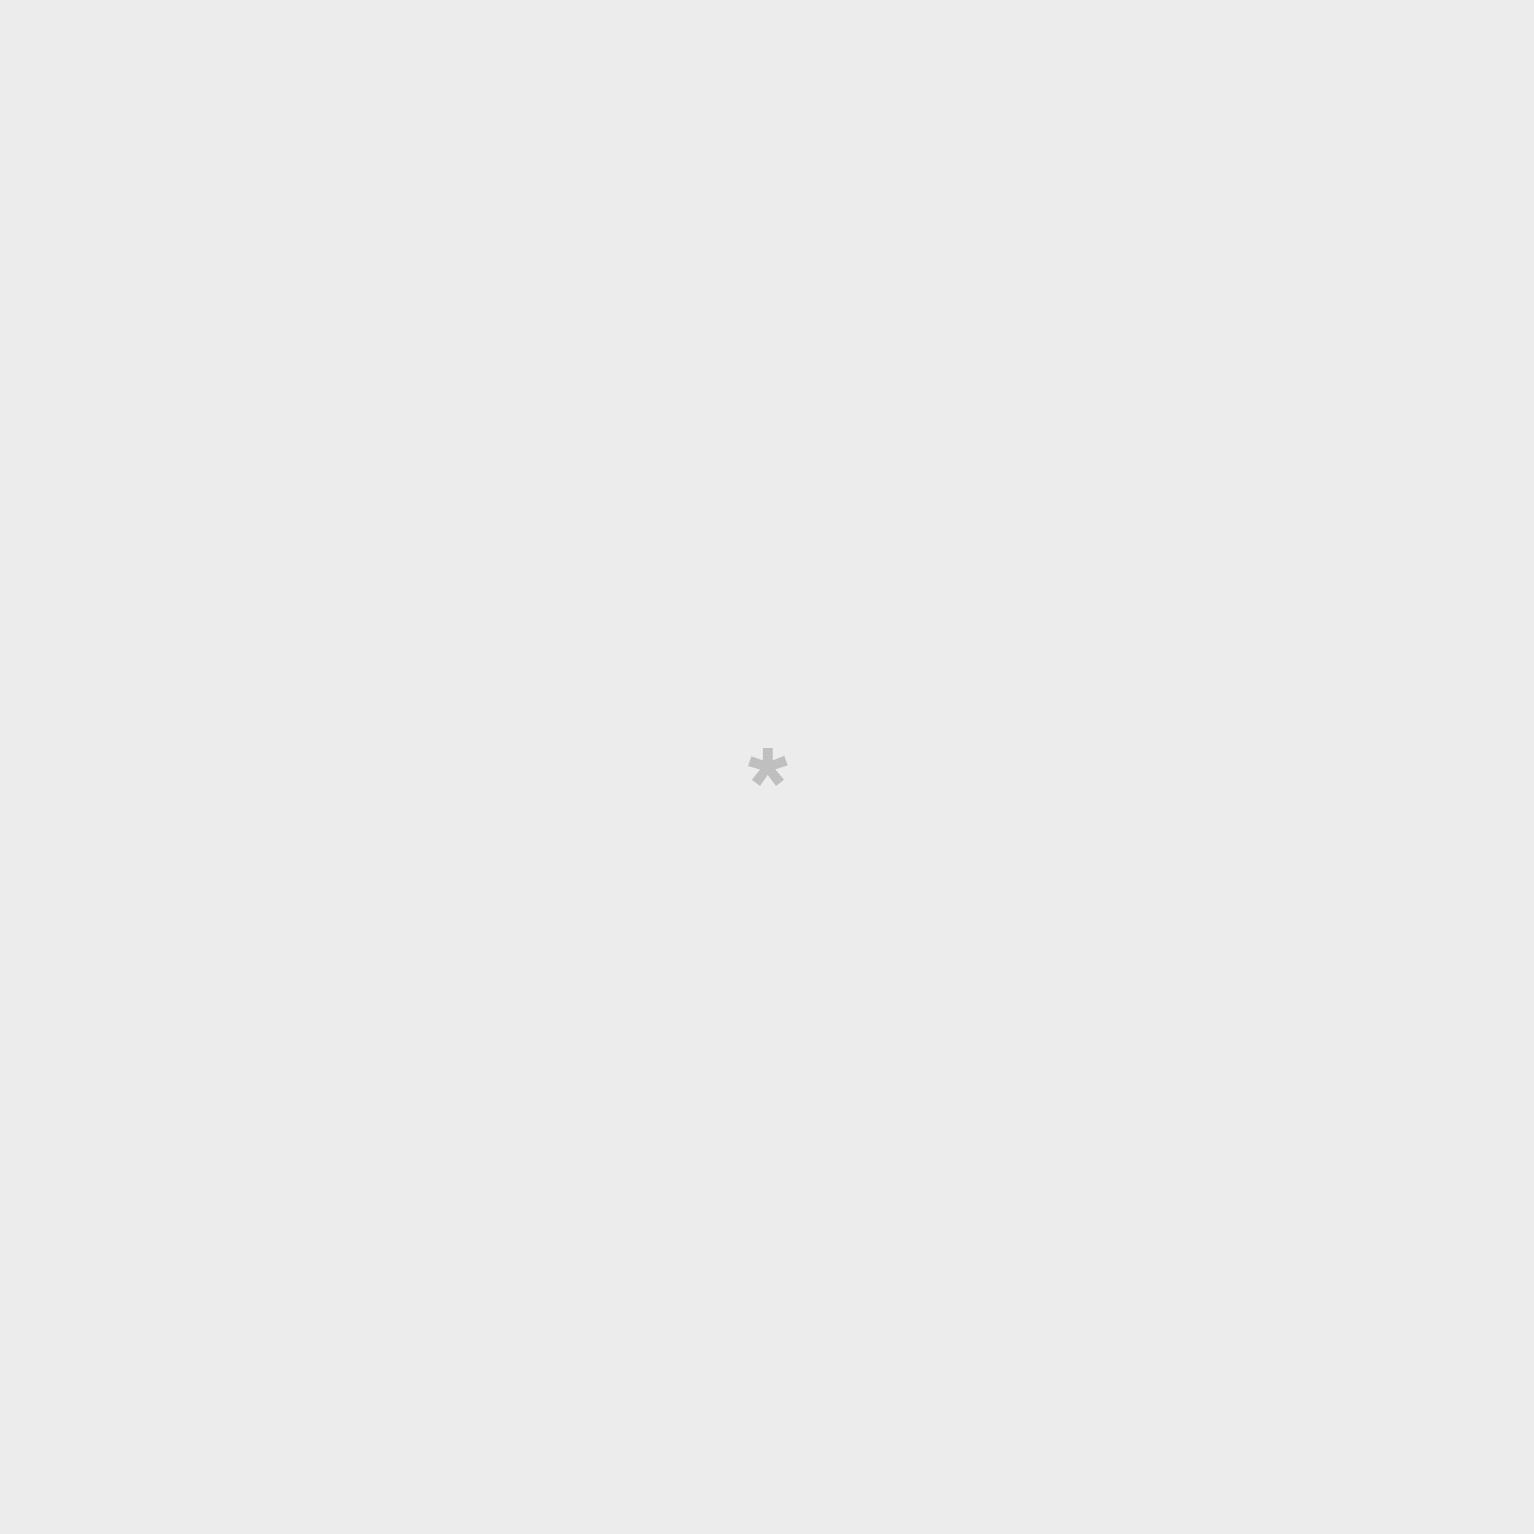 Rollo de papel pintado - Topos (Color beige)